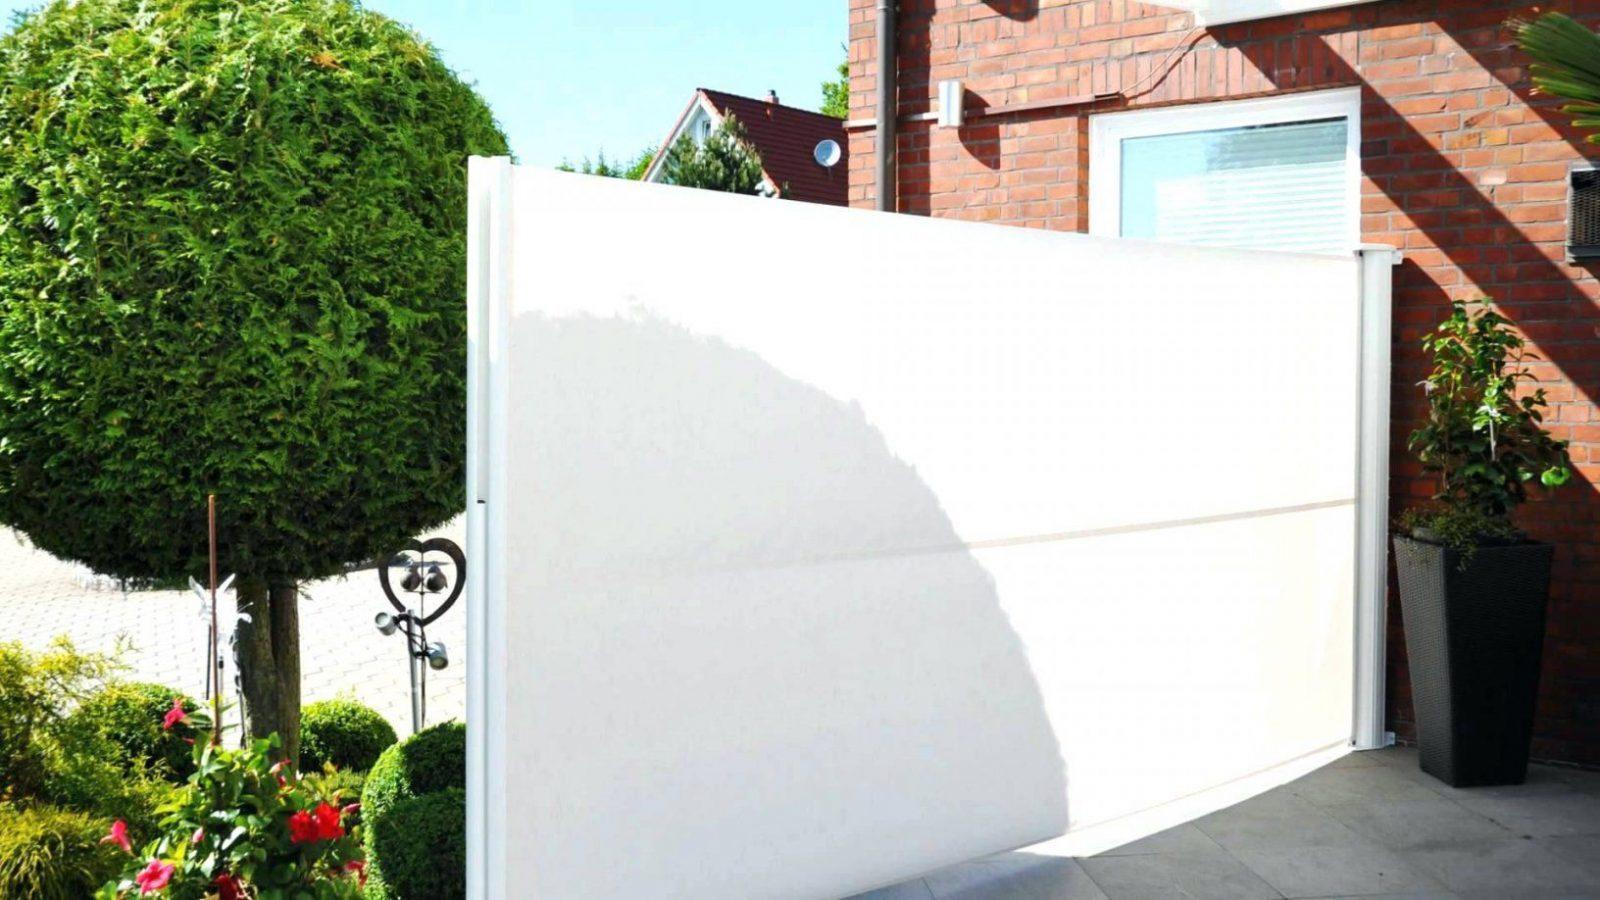 Seiten Sichtschutz Balkon Angerer Design Nr Lidl Deutschland Ideen von Balkon Sichtschutz Ohne Bohren Bild